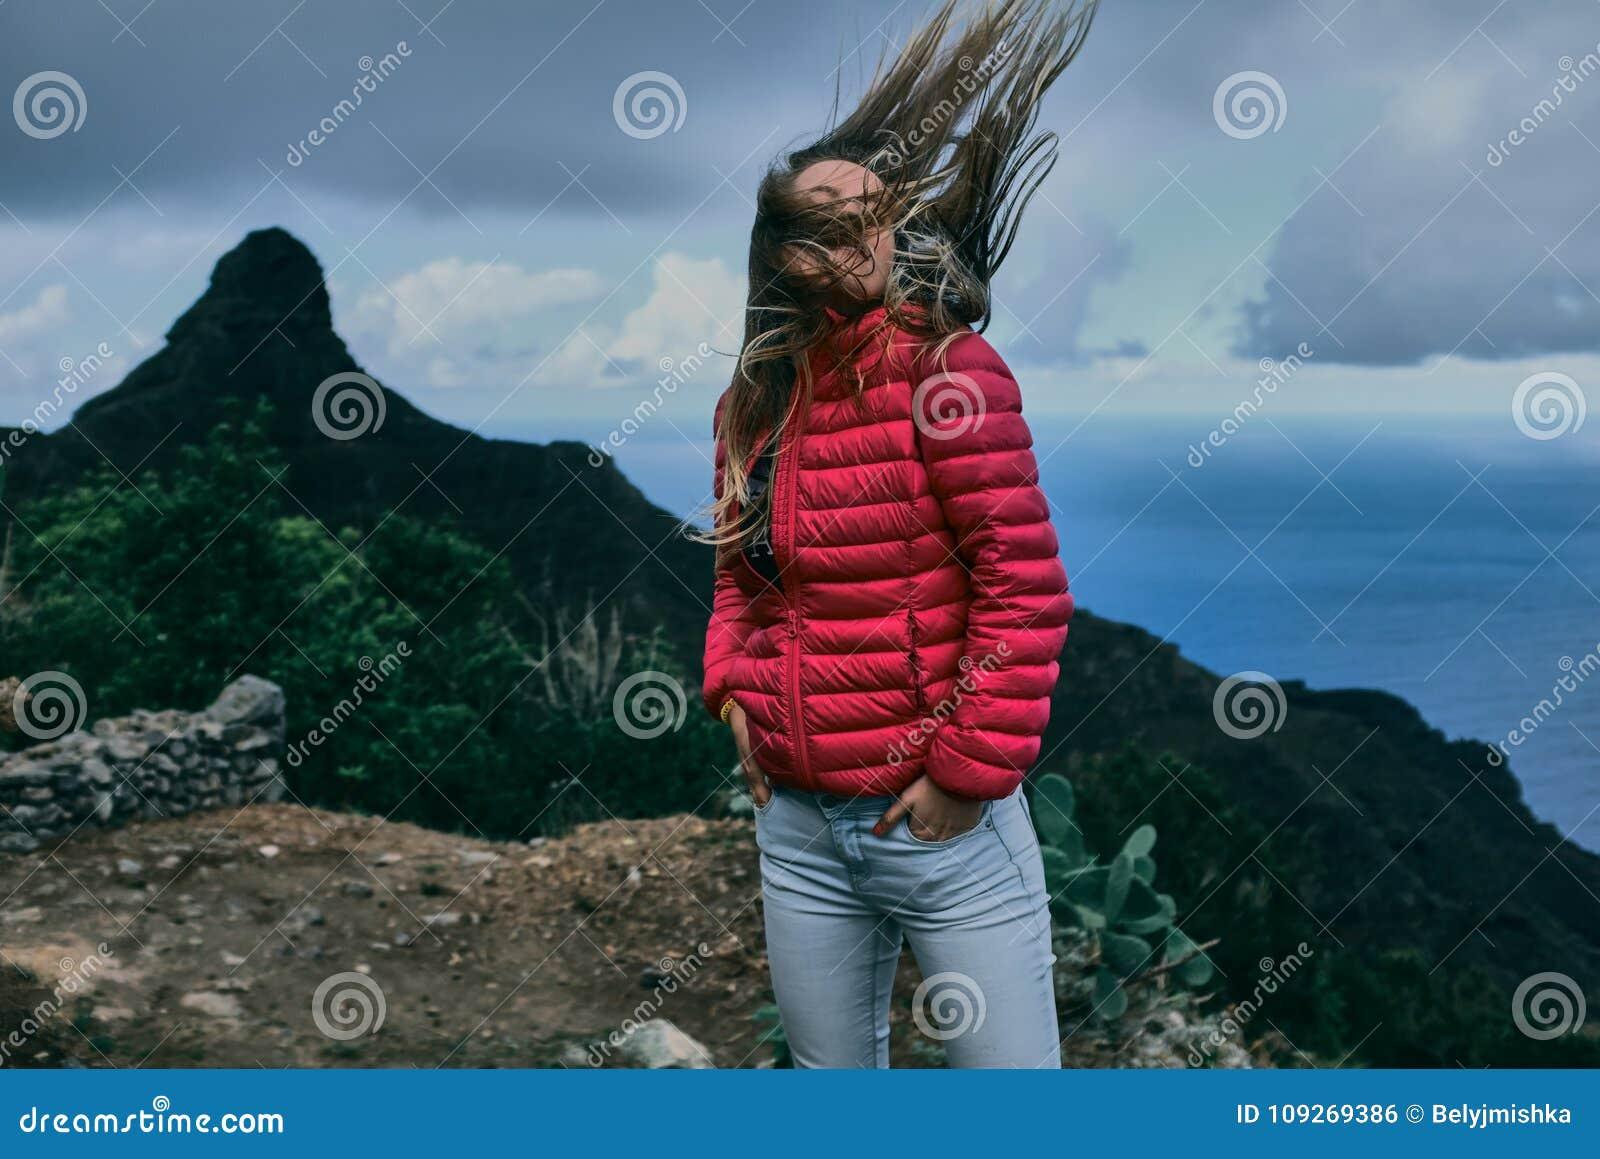 Όμορφο κορίτσι του υποβάθρου του τοπίου βουνών